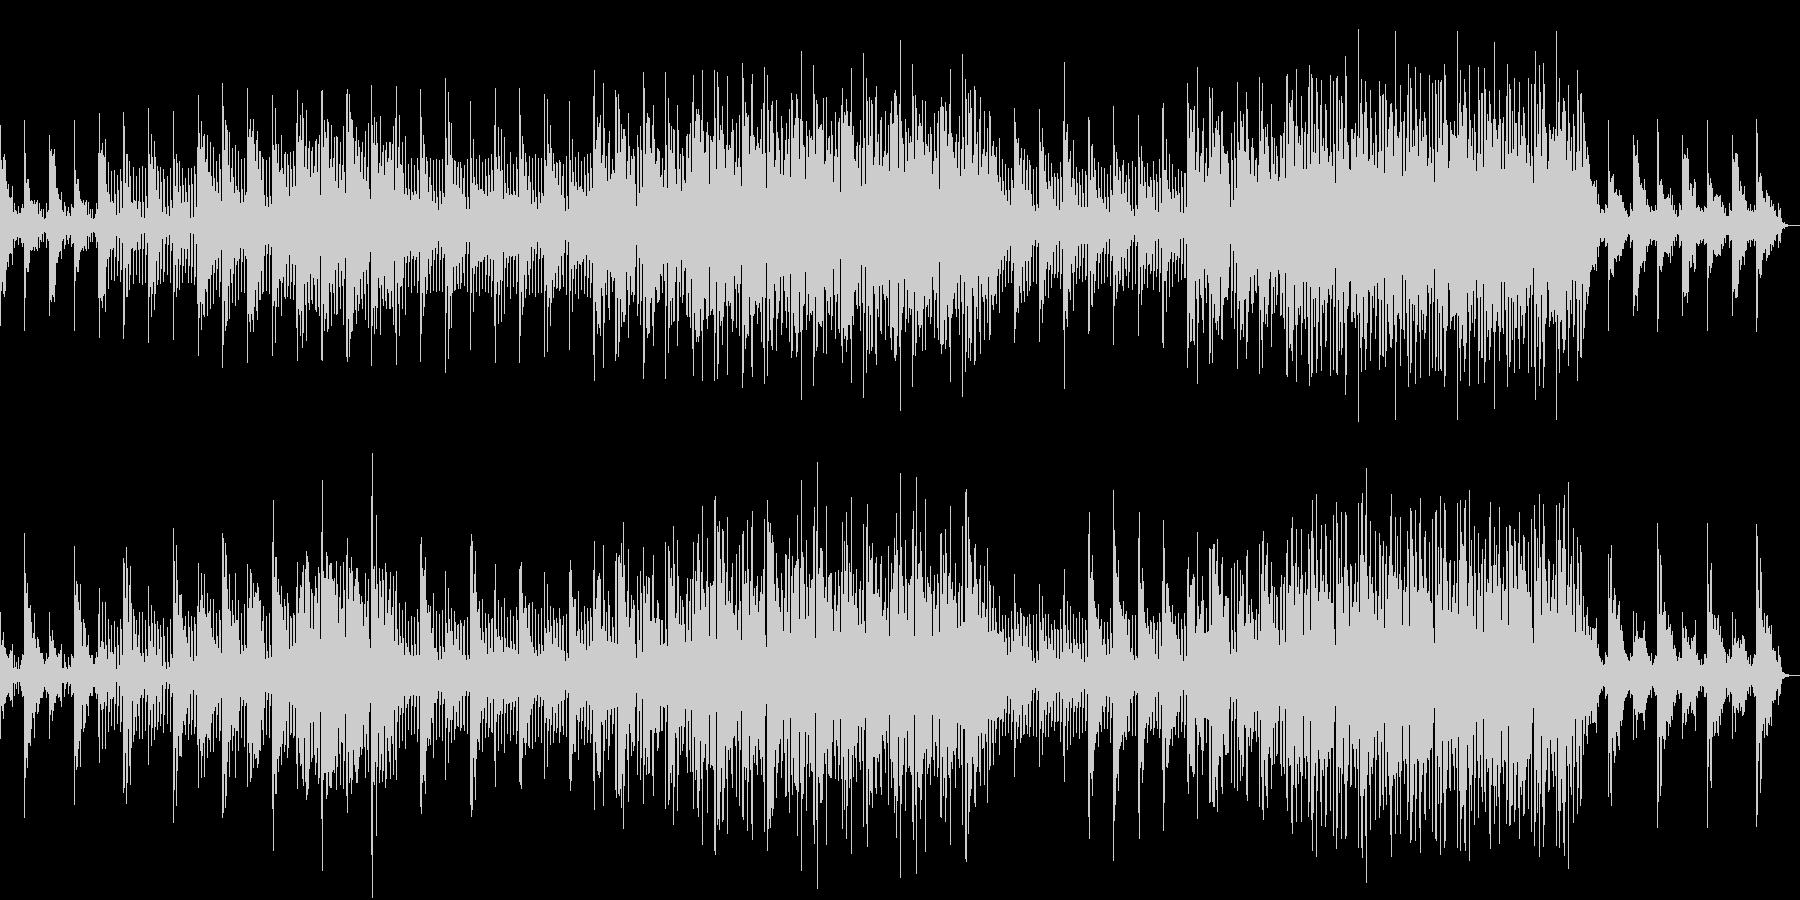 静かで幻想的なアンビエントサウンドの未再生の波形